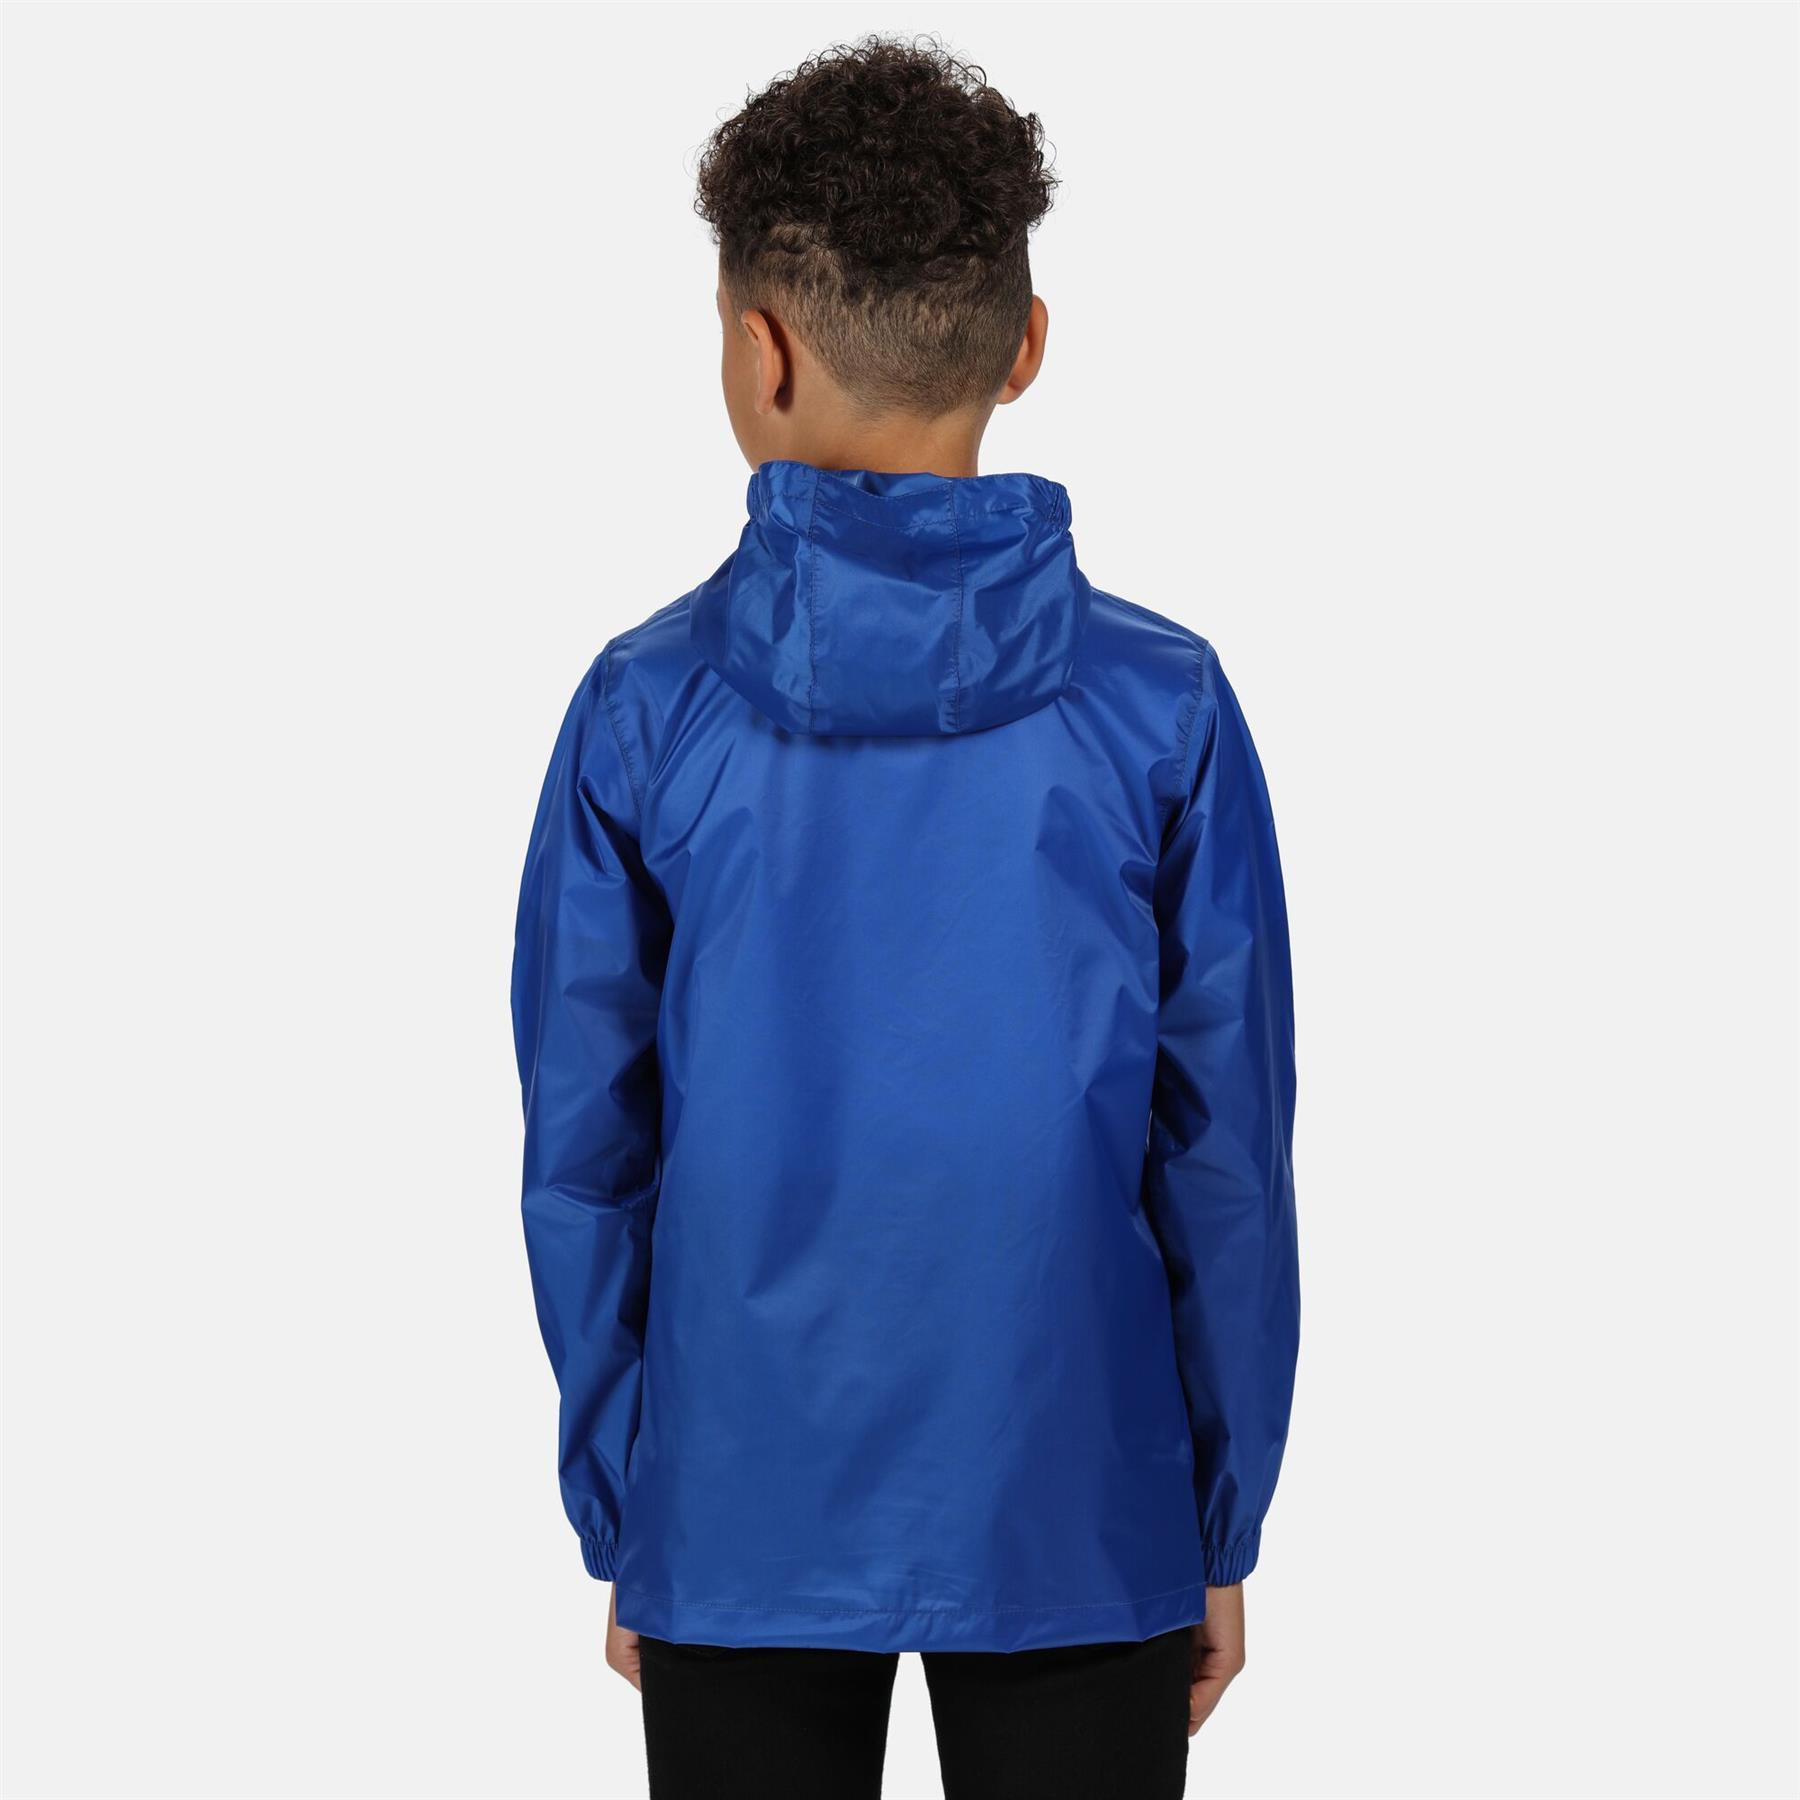 miniatuur 19 - Regatta Kids Pack it Jacket II Lightweight Waterproof Packaway Jacket Boys Girls